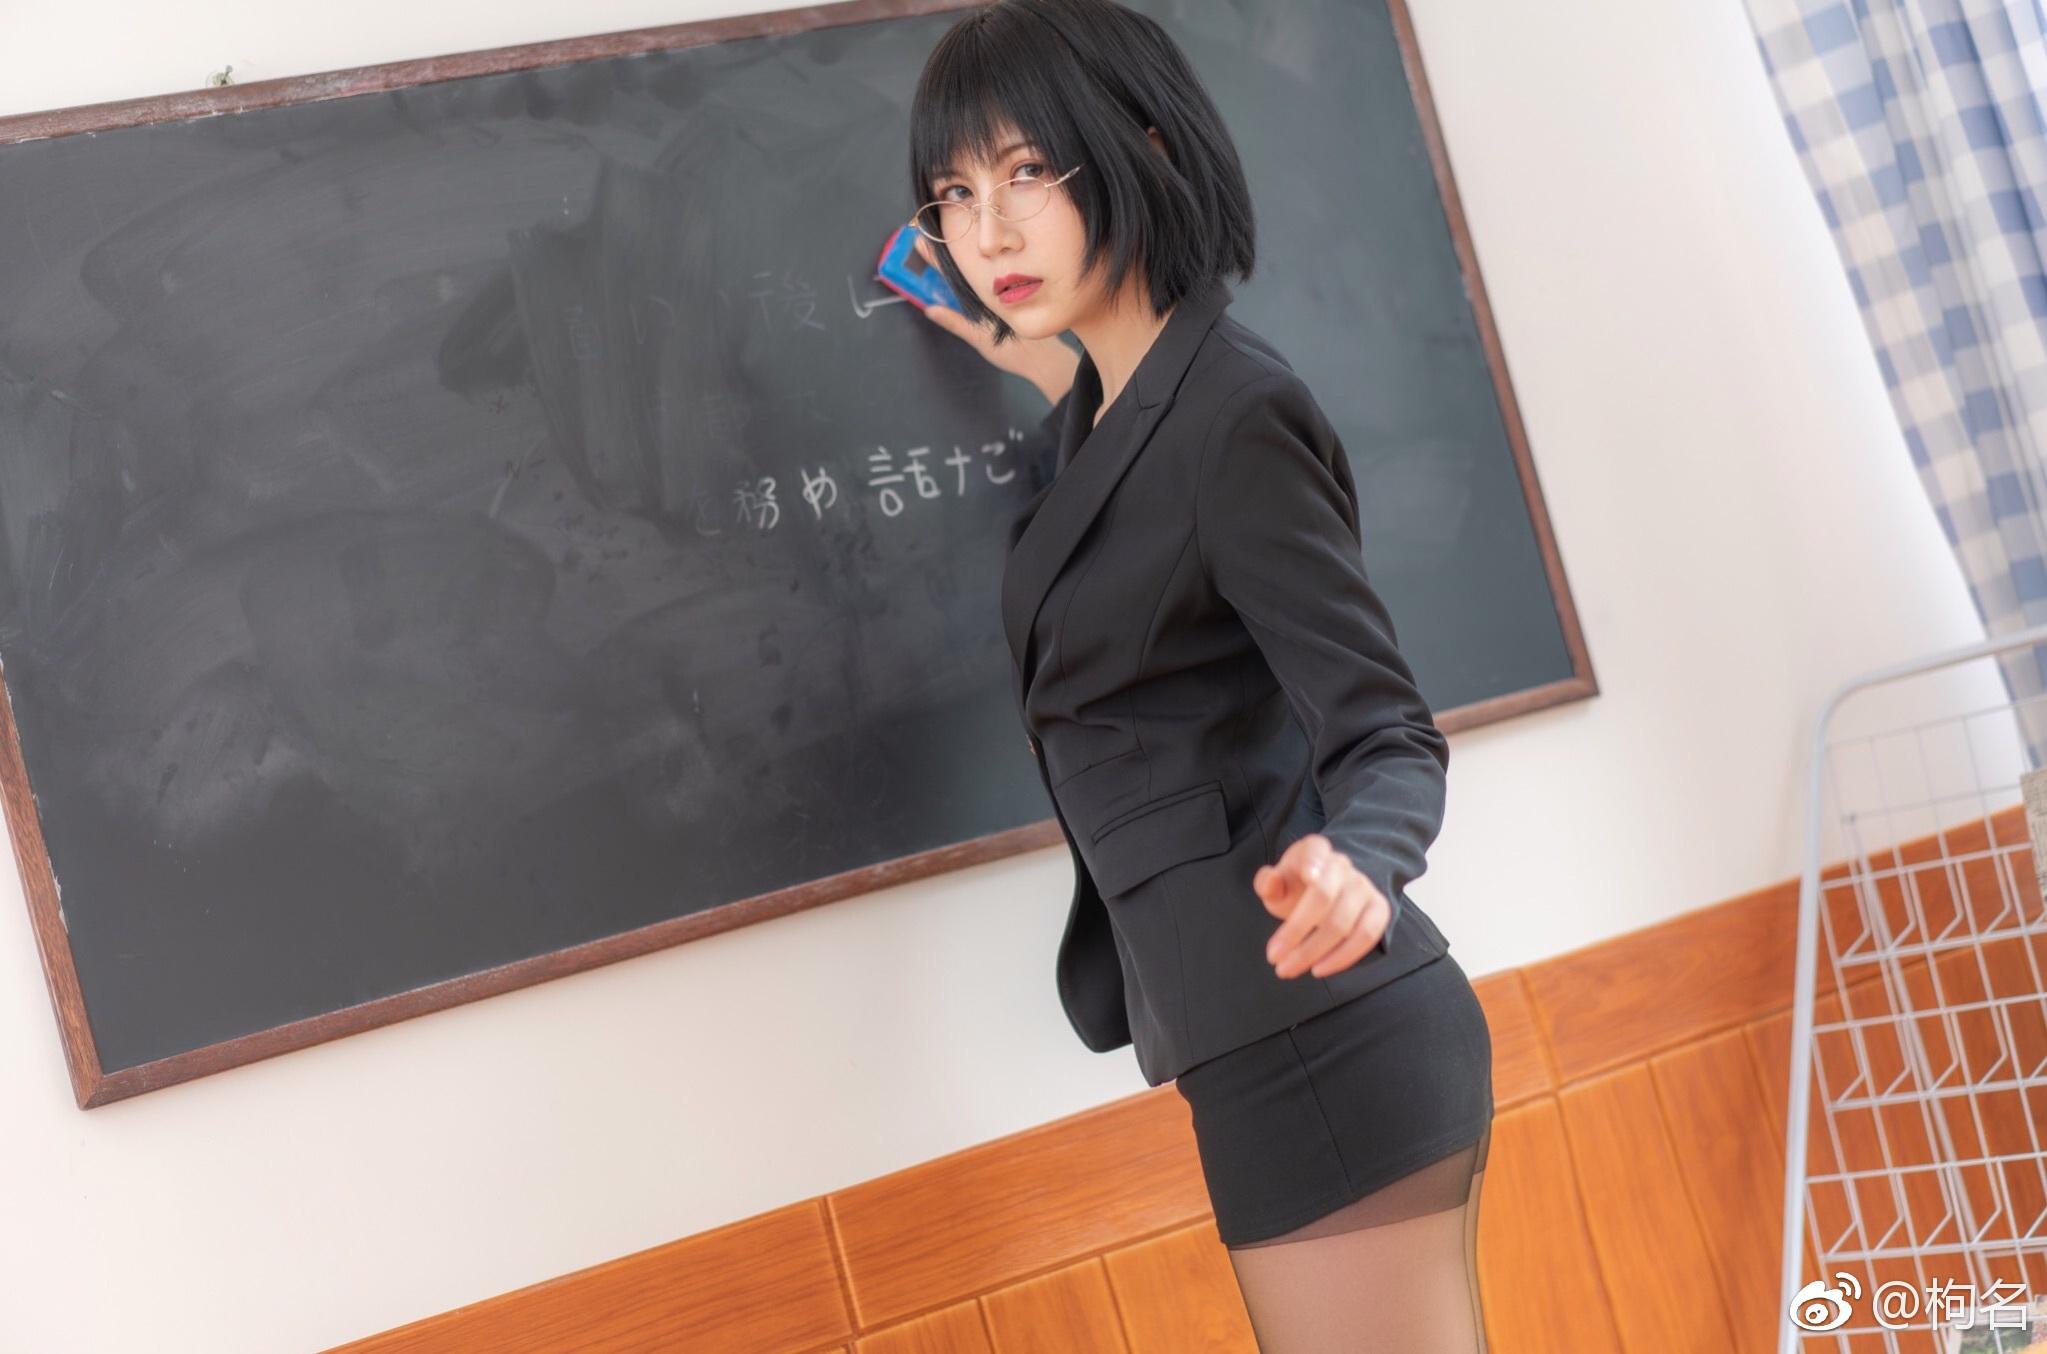 老师,我可以上您 的课吗?